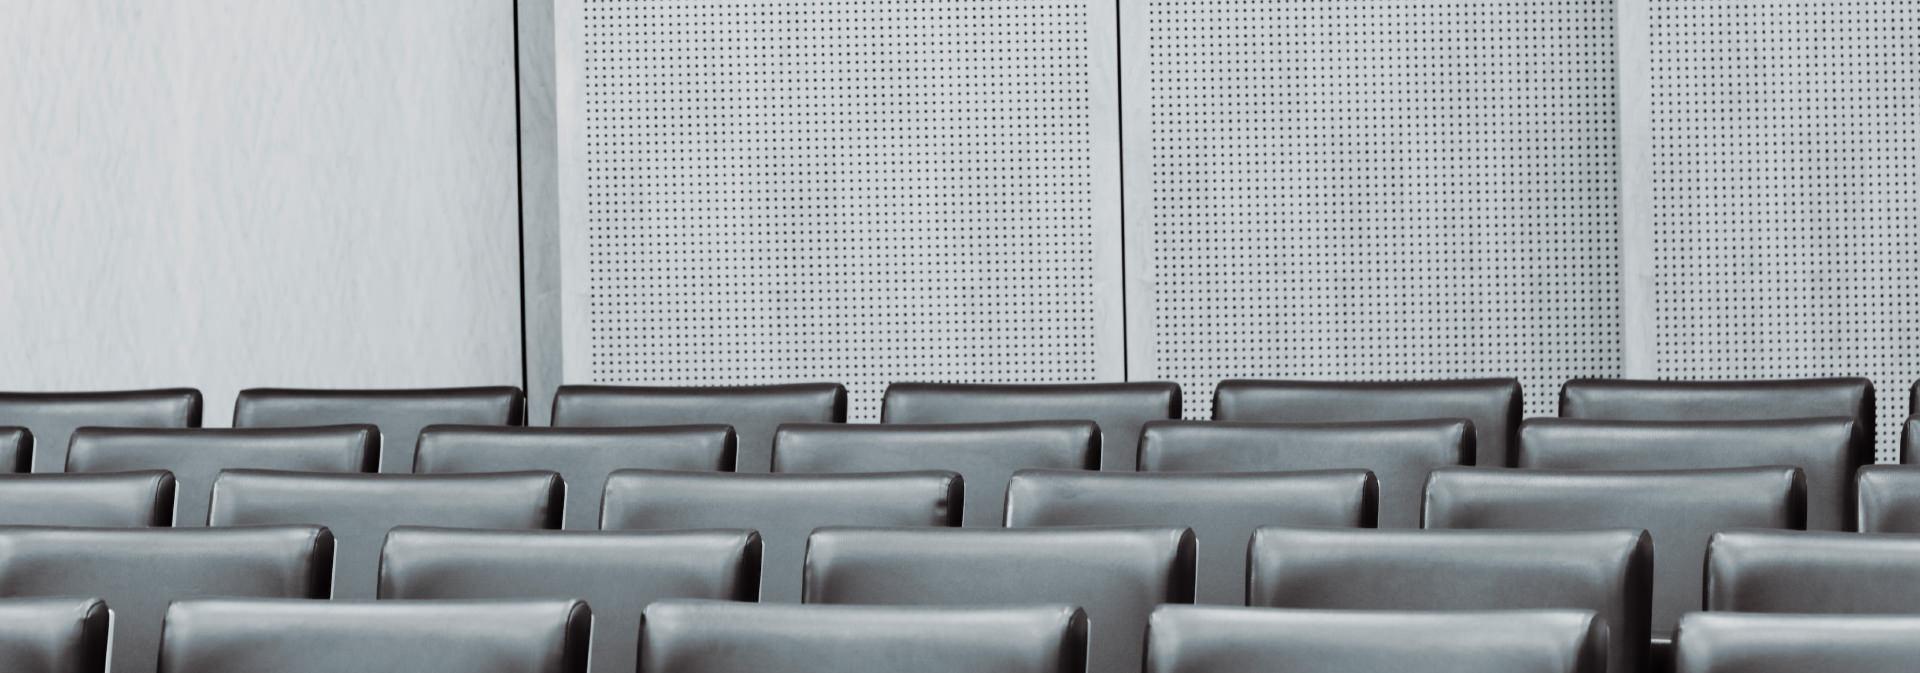 jury-chairs